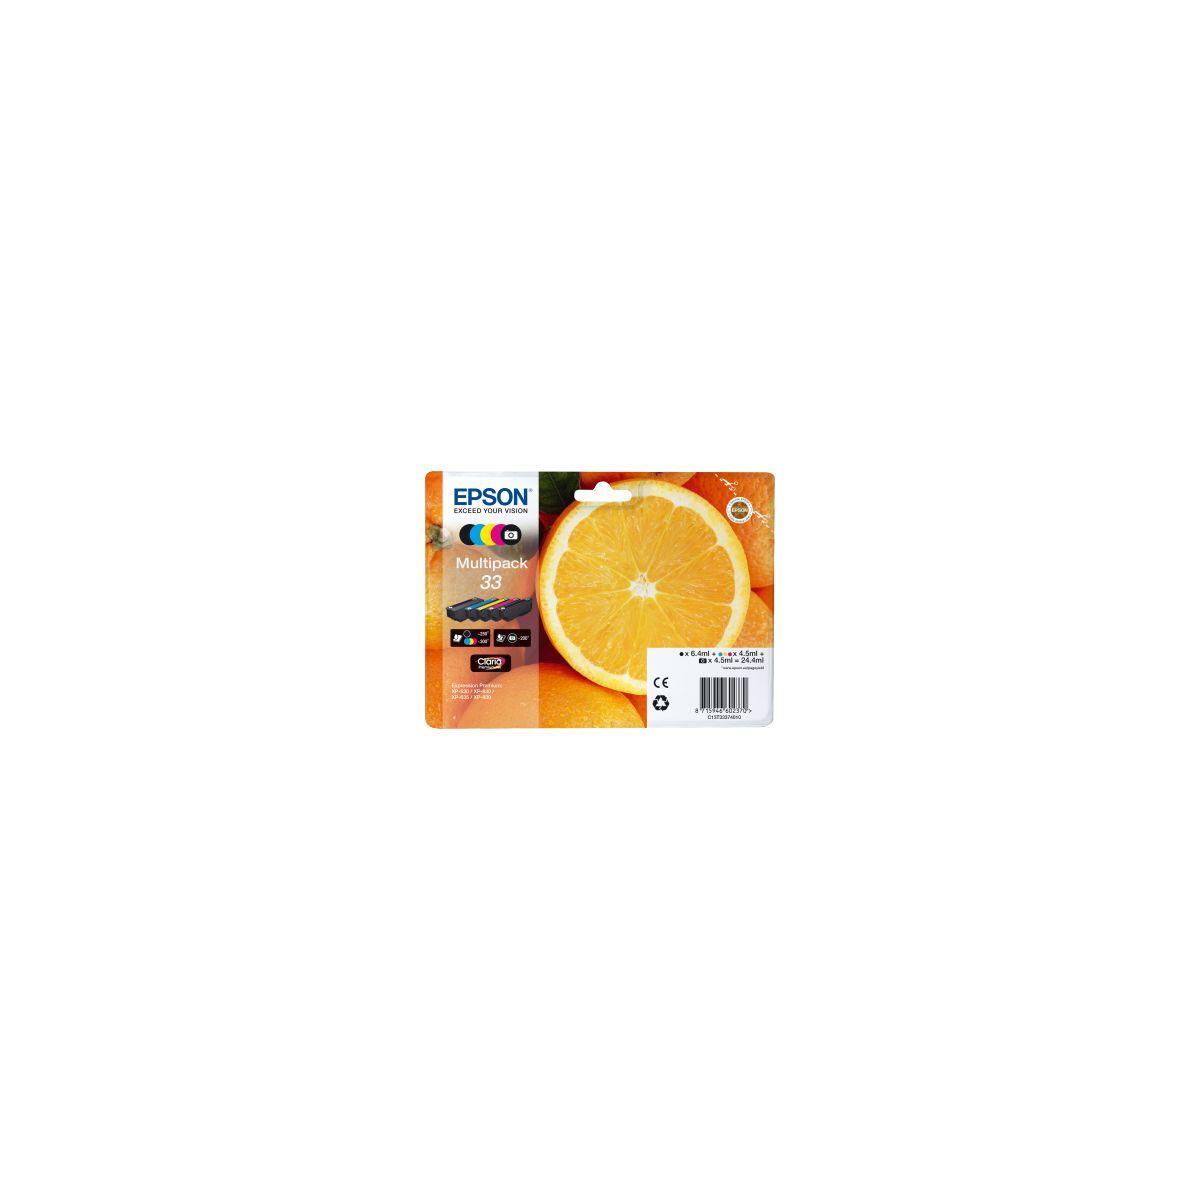 Multipack cartouches d'encre epson t3337 (n/np/c/m/j) premium s�rie orange